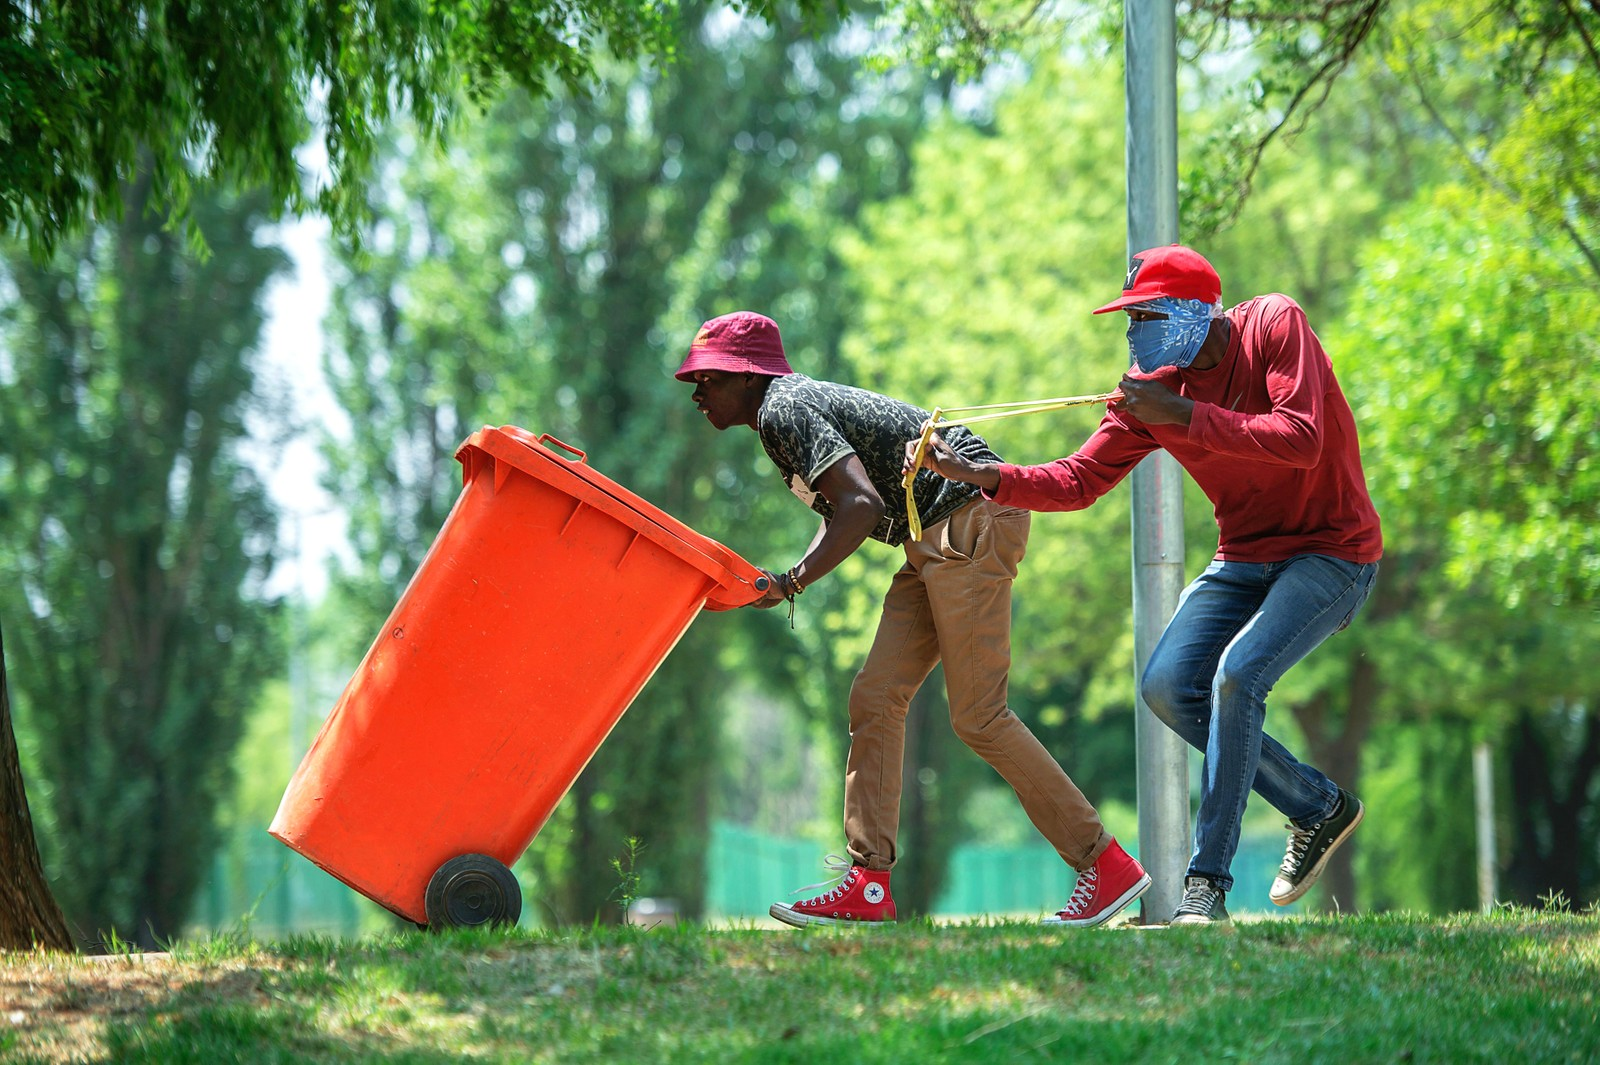 Studentdemonstrasjonene har vart i flere uker i Sør-Afrika nå. Dette bildet er fra Vaal University of Technology. Det har vært voldsomme oppgjør mellom politiet og studentene. Studentene mener studieavgiften er for høy.